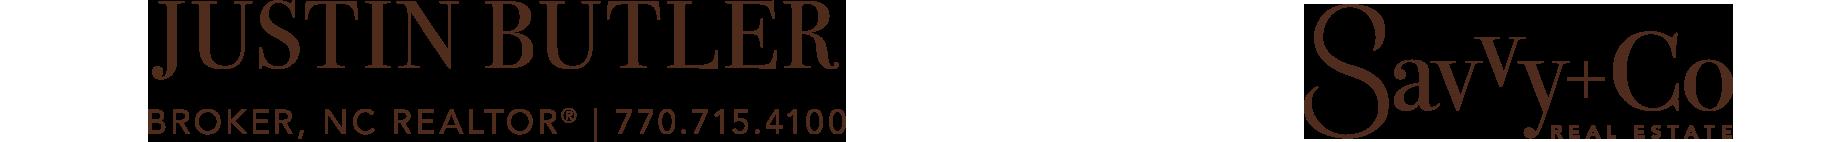 Justin Butler, Broker, NC REALTOR® Logo